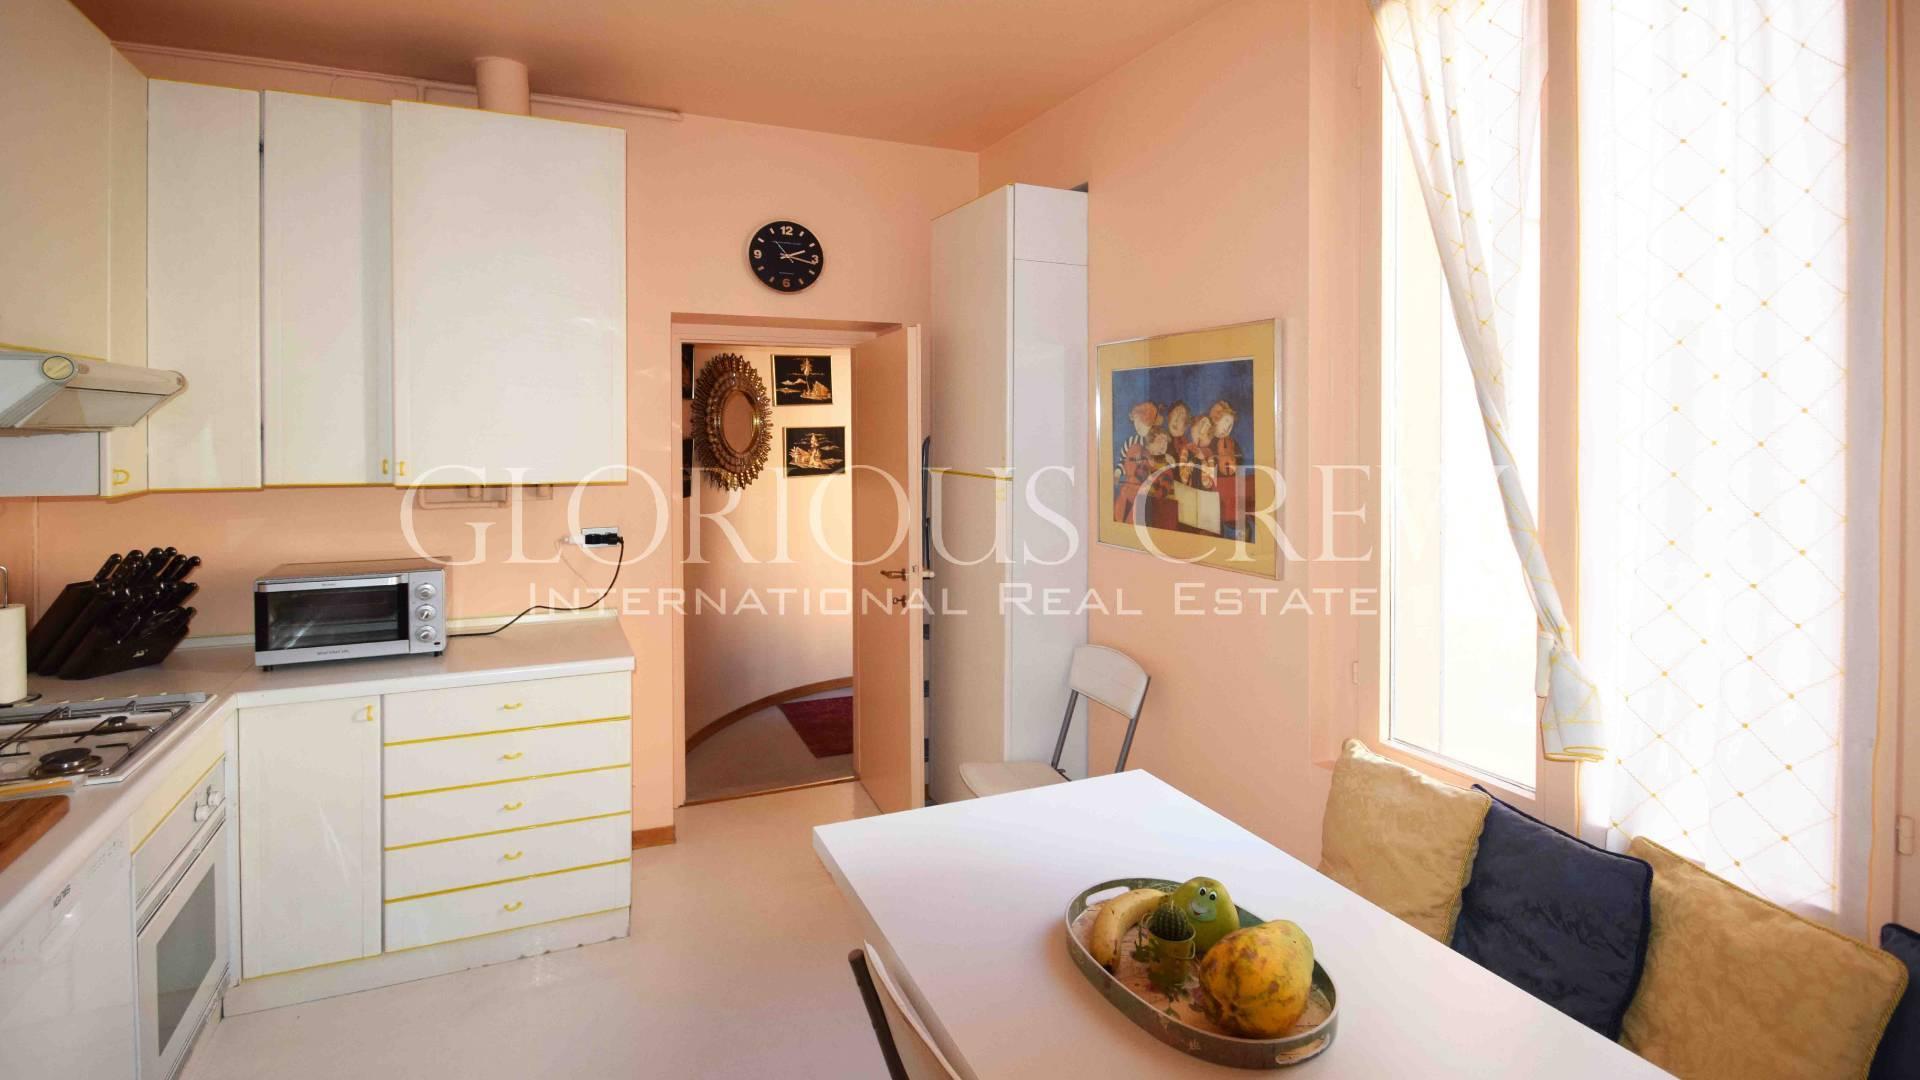 Appartamento in Vendita a Milano: 4 locali, 129 mq - Foto 8